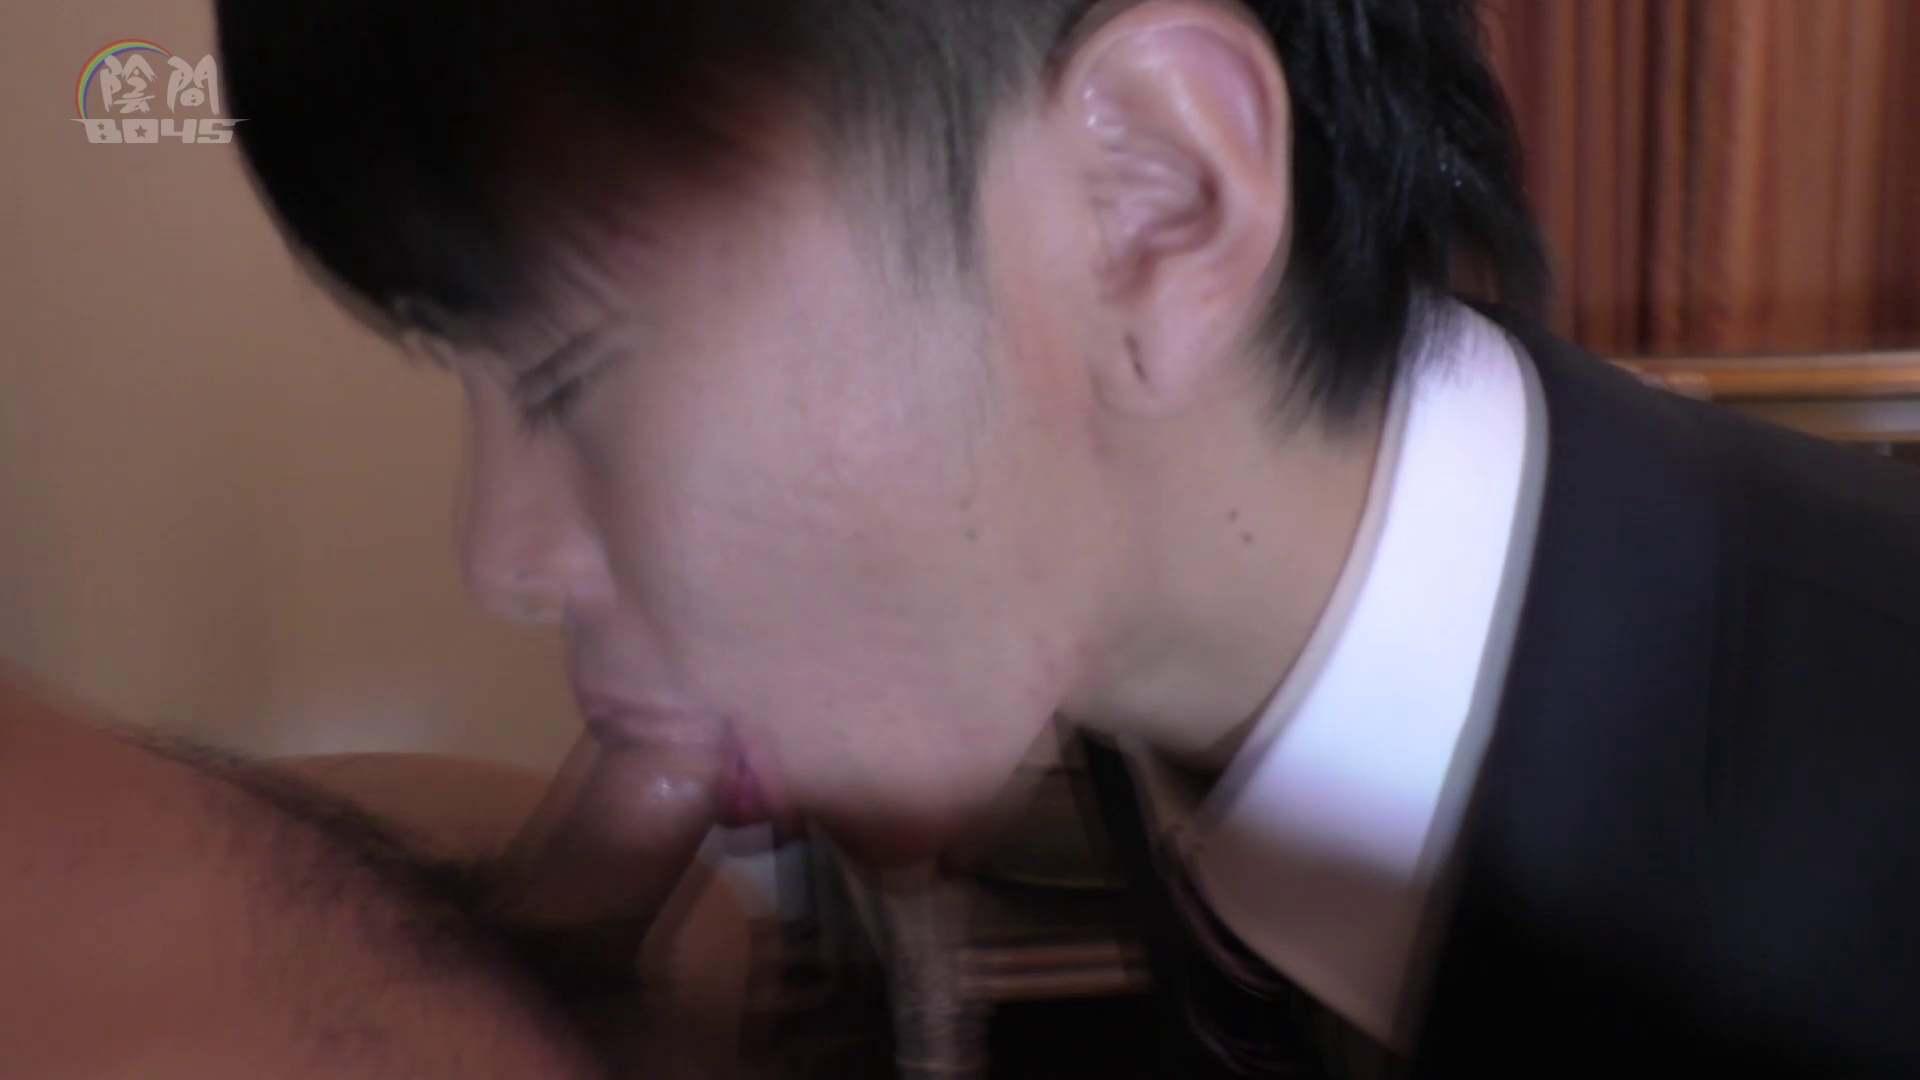 キャバクラの仕事はアナルから6  ~アナルの囁き~Vol.03 発射  110pic 63